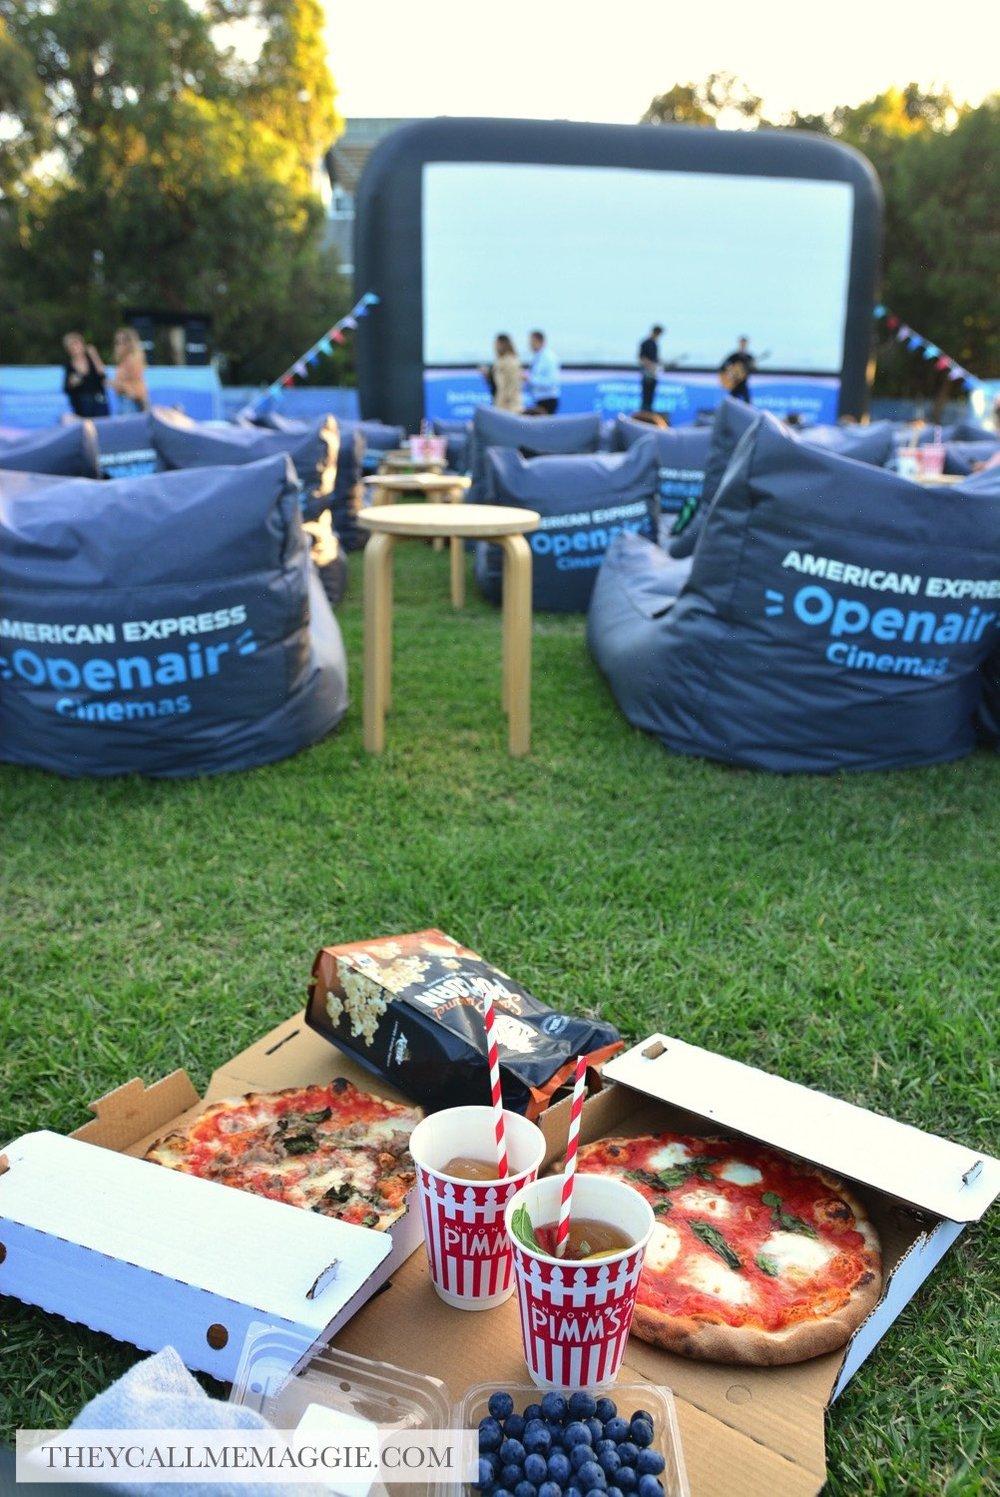 openair-cinemas-picnic.jpg